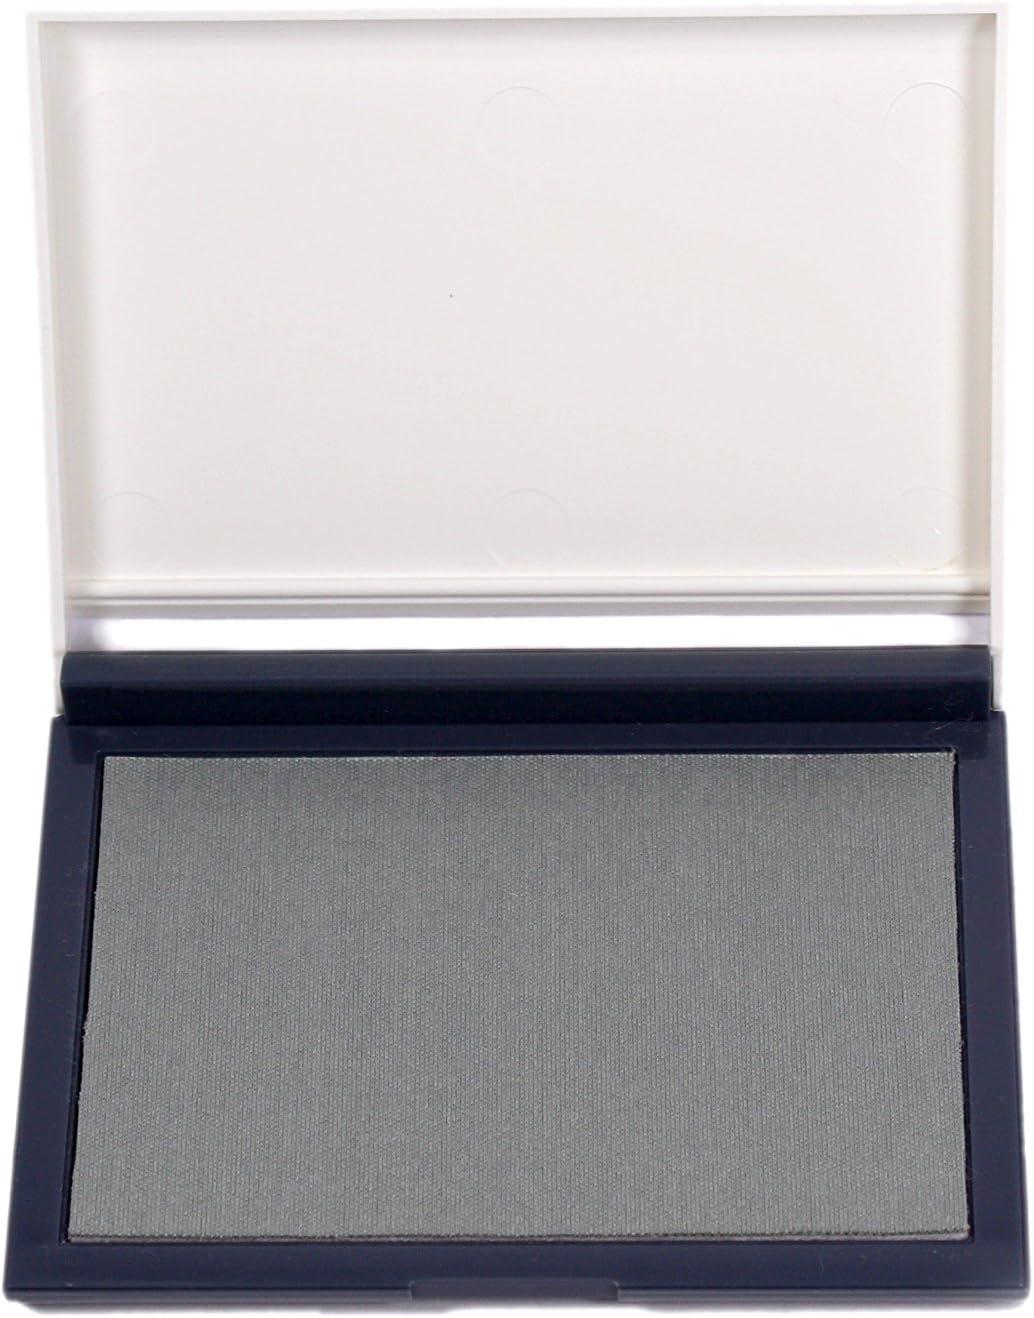 schwarz Stempelkissen 50x90 mm